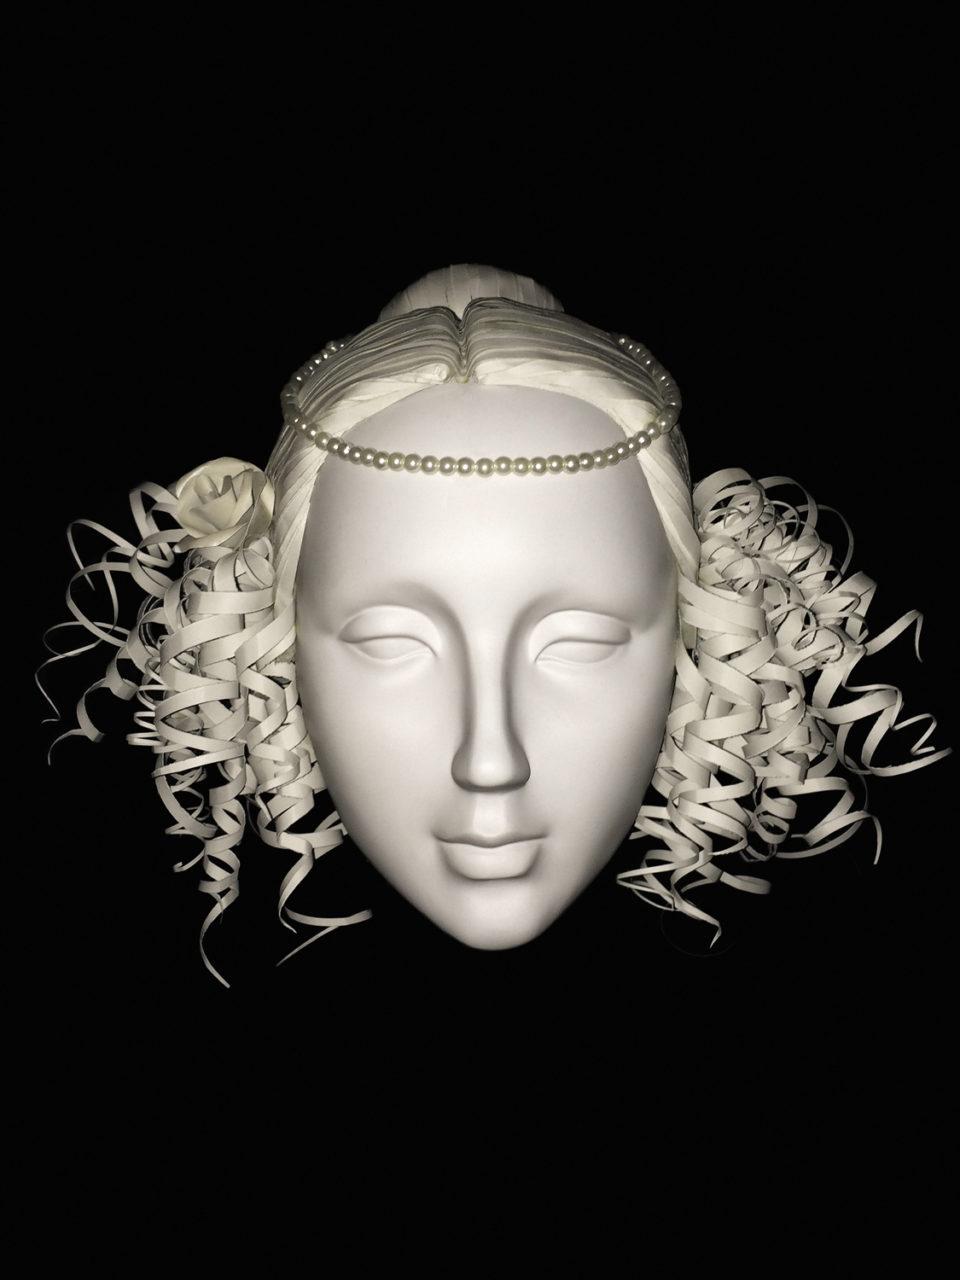 Annemiek Bohnenn pruiken wig 4 Rijksmuseum Catwalk 06